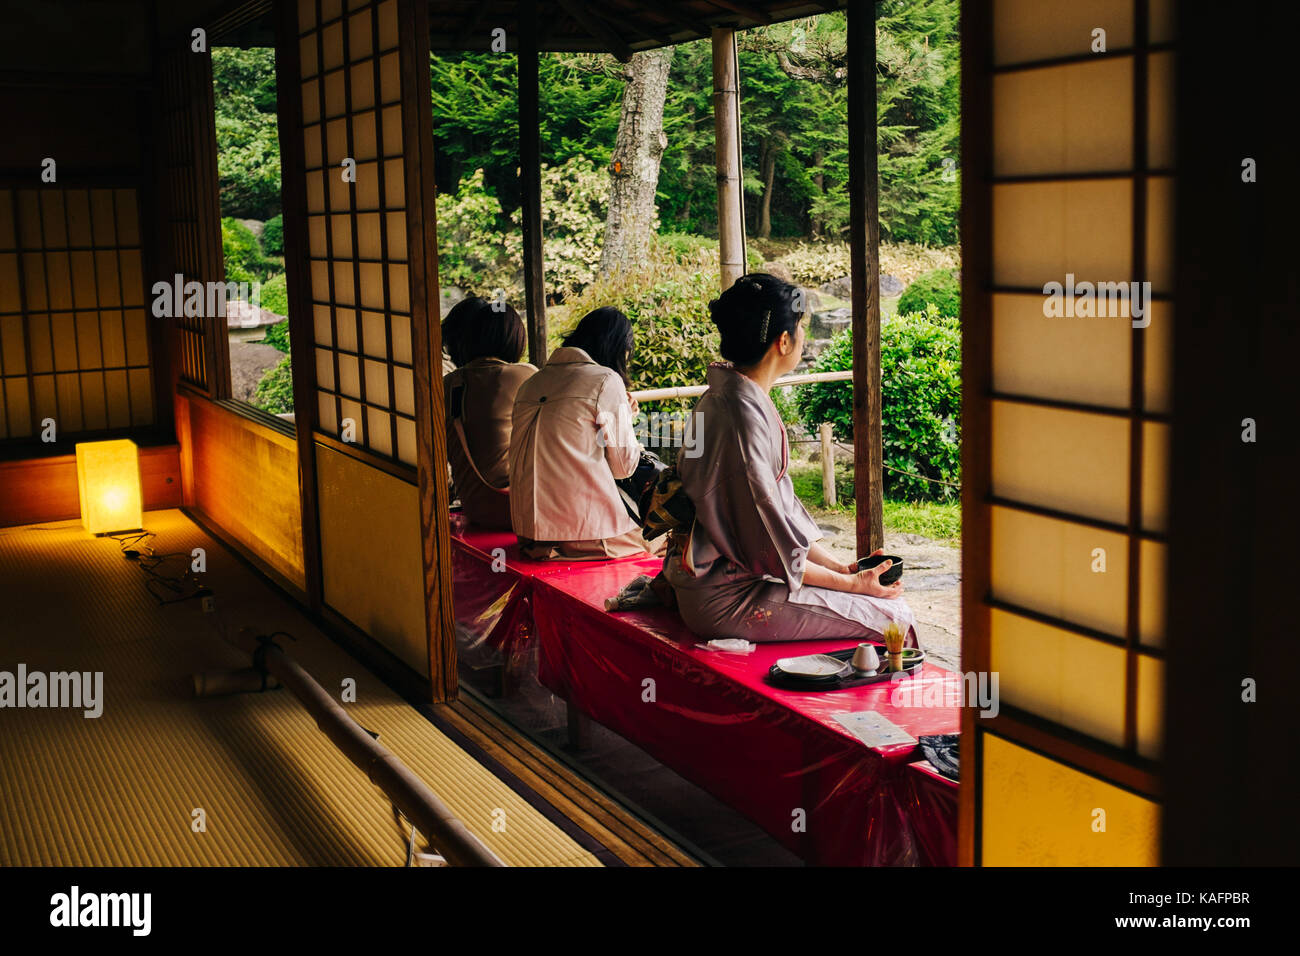 Cada día escena callejera en Japón. Las mujeres japonesas en kimono tradicional beber té Imagen De Stock